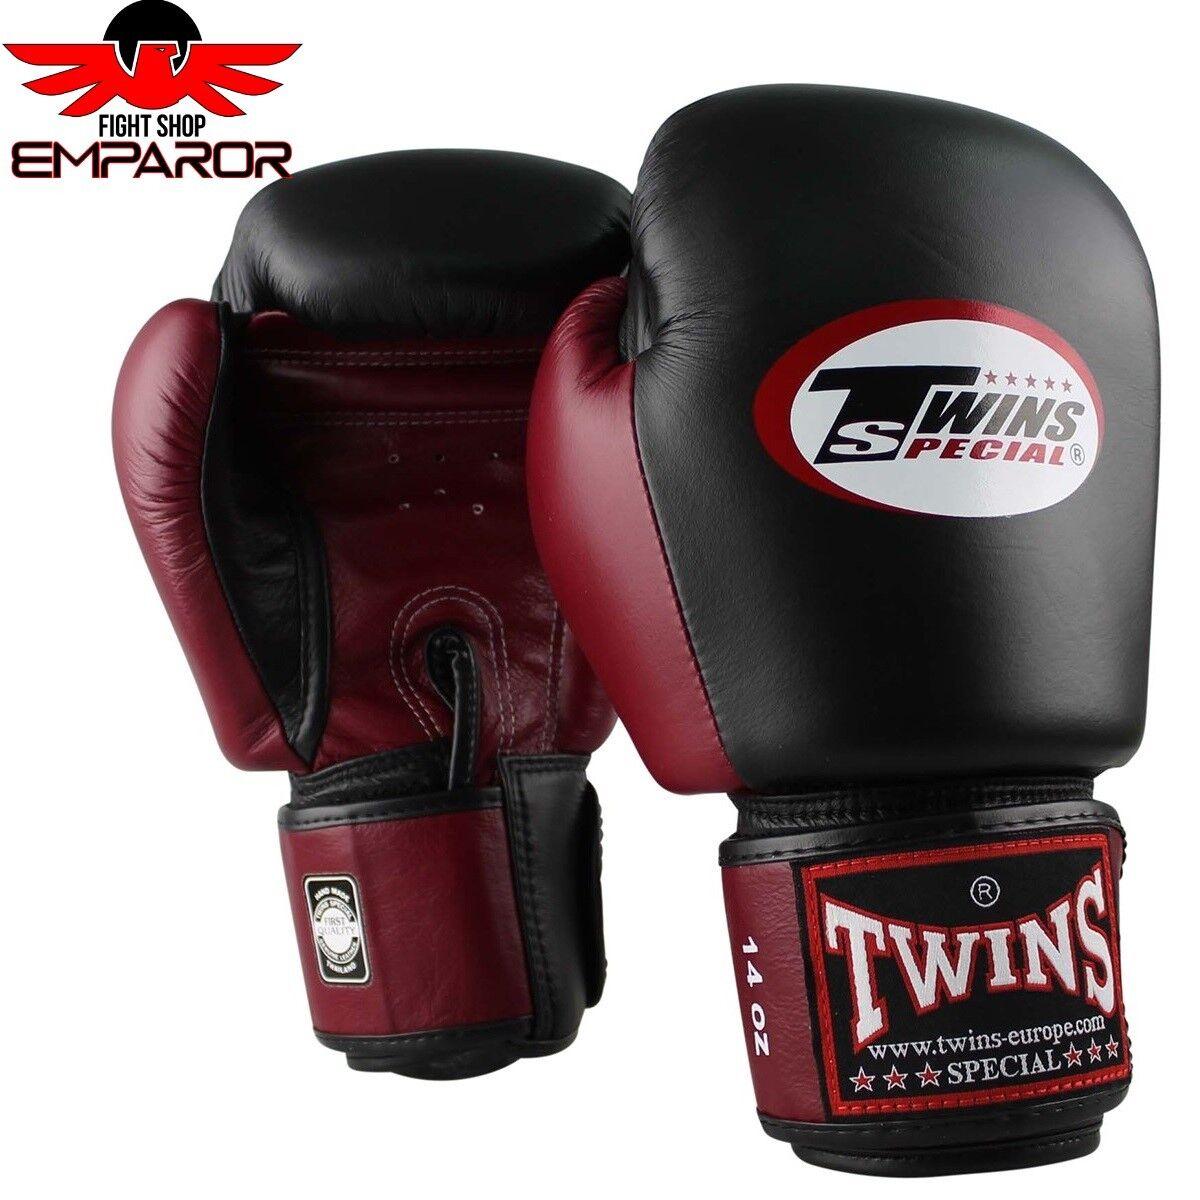 Twins 10-16oz Special Boxhandschuhe BGVL 3 Weinrot/Schwarz Thai Boxen Handschuhe 10-16oz Twins d8ee4f